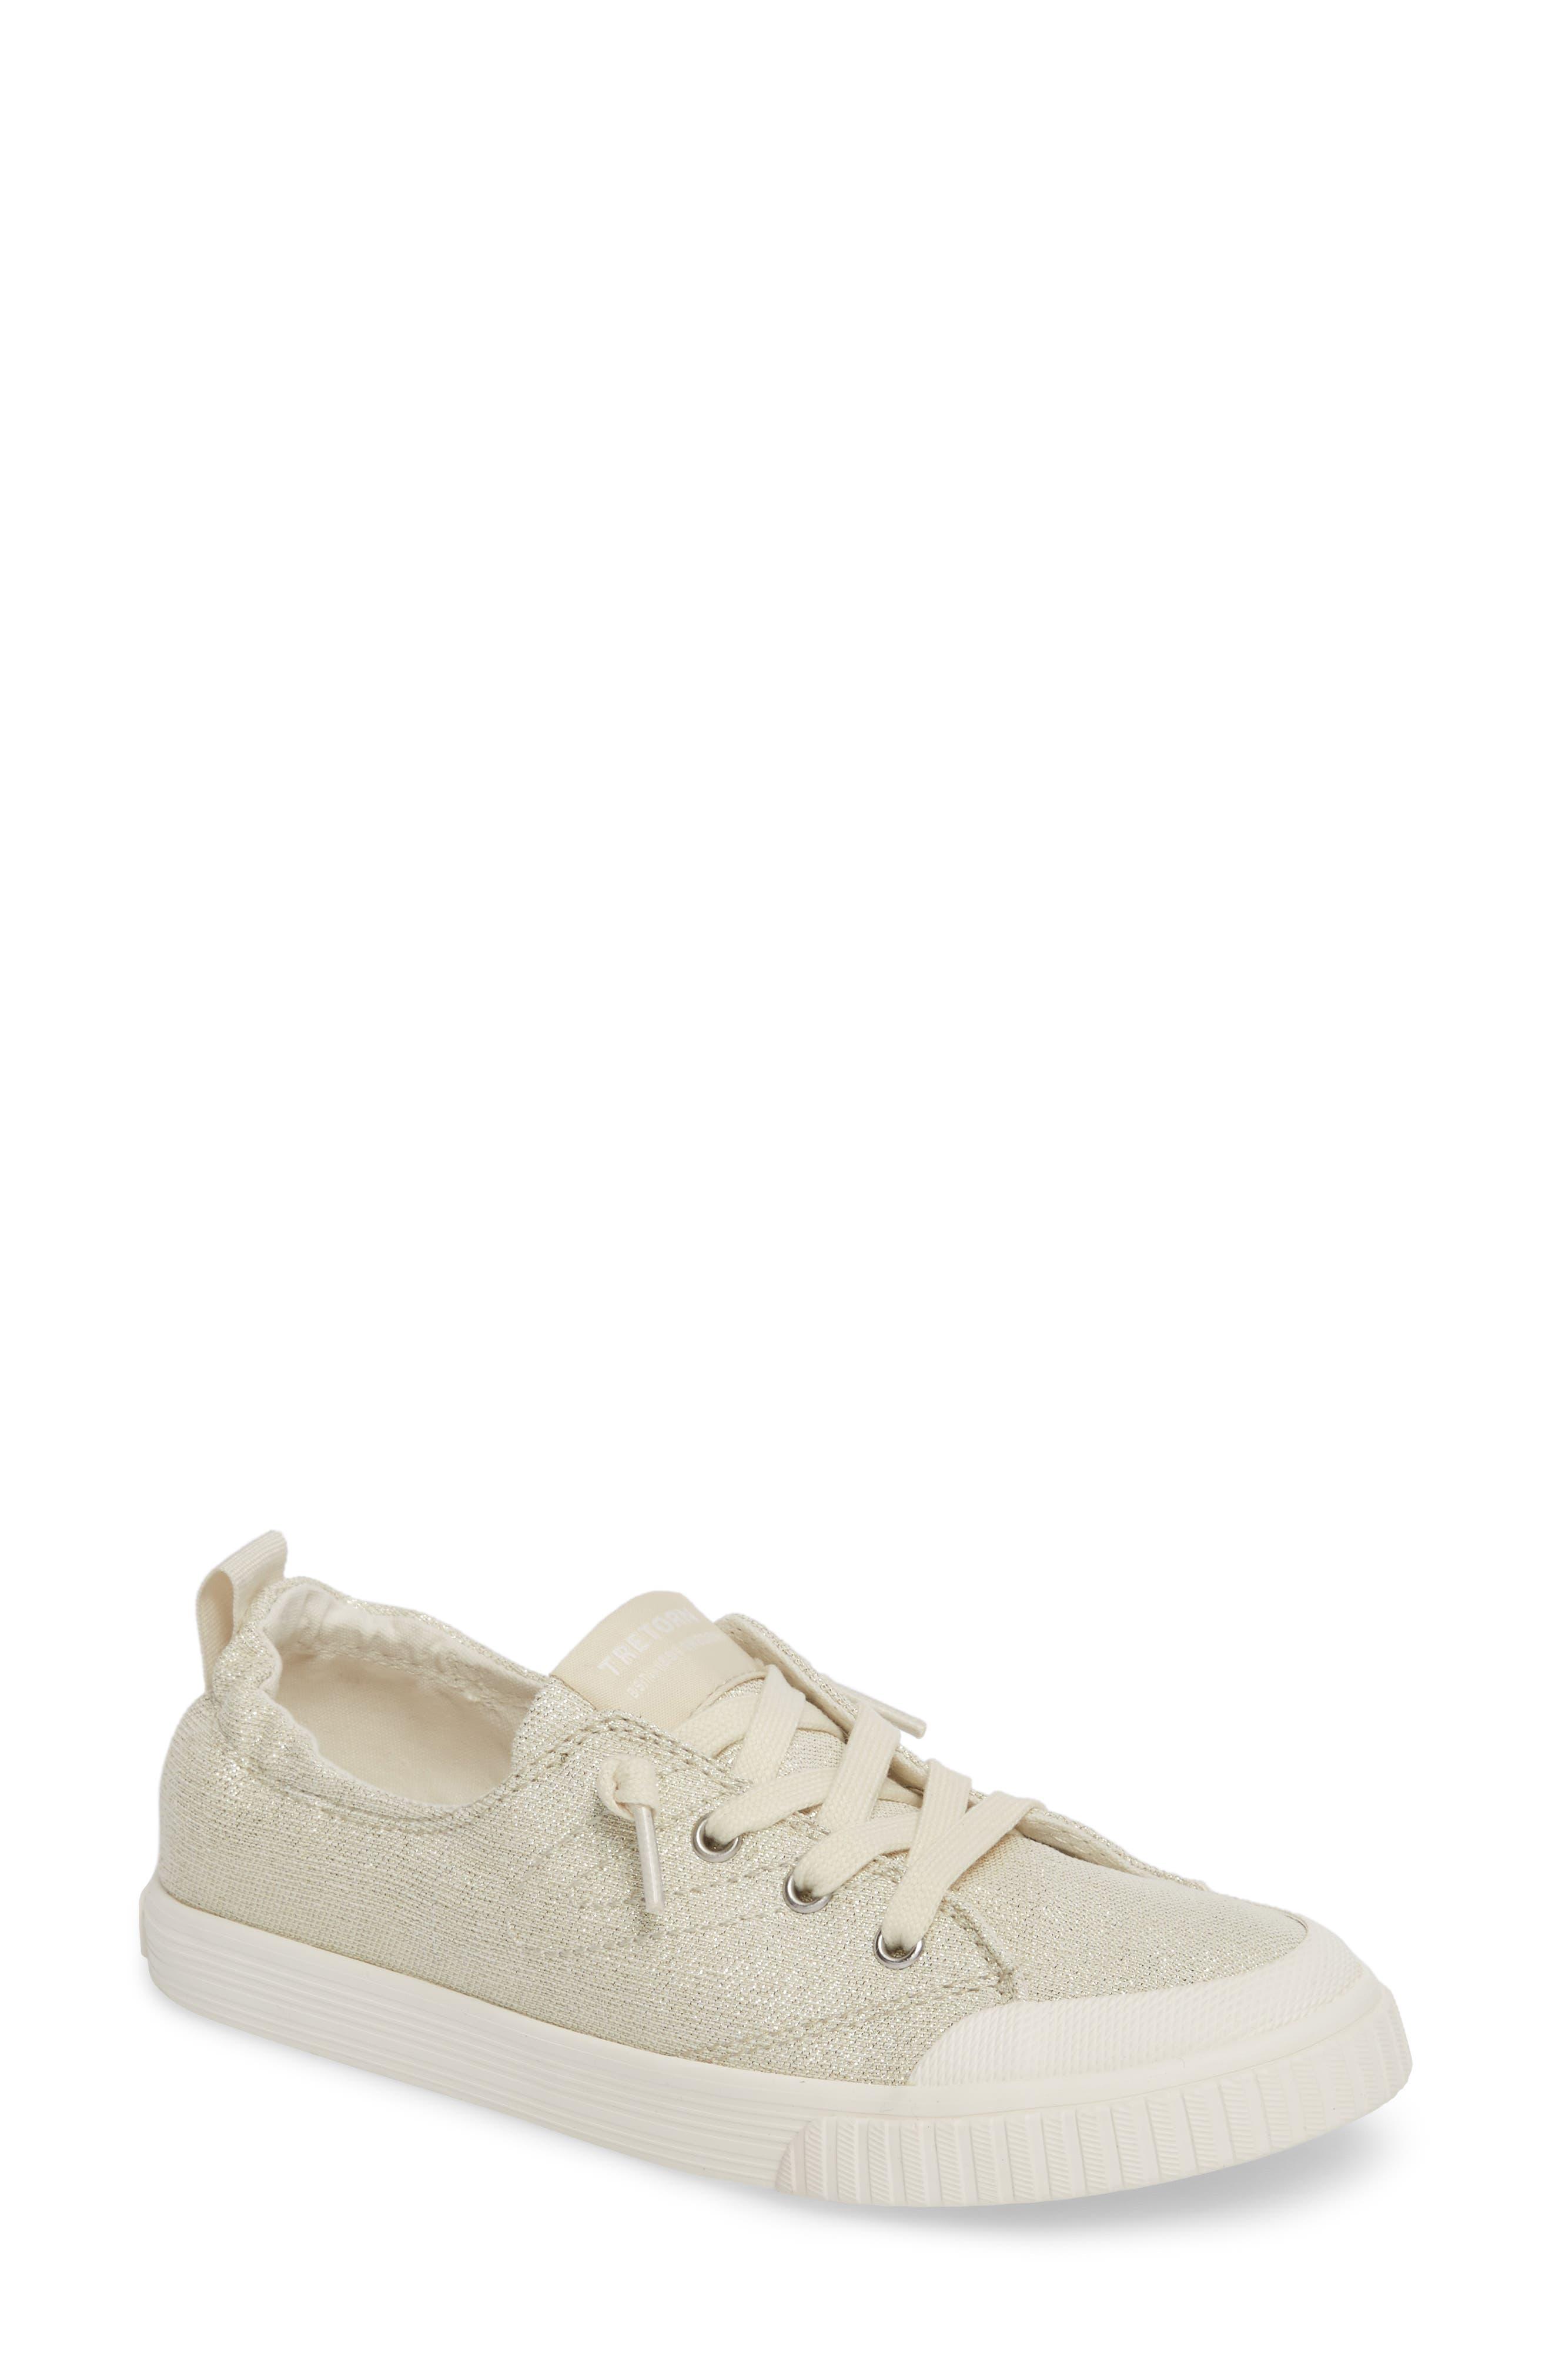 Meg Slip-On Sneaker,                         Main,                         color, Angora/ White